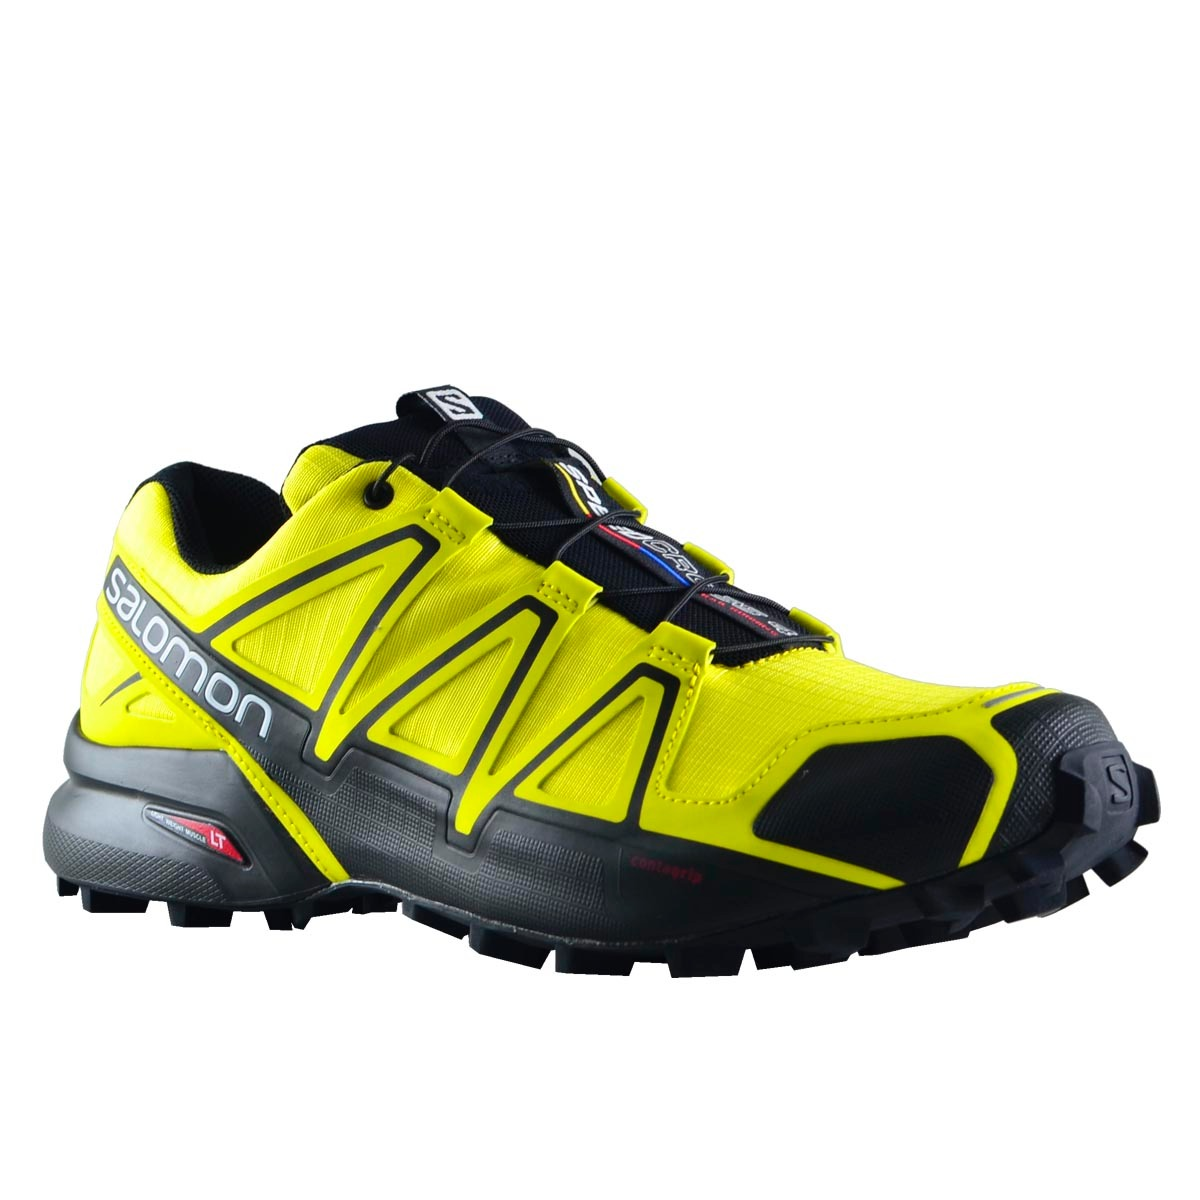 2515ef3bedd zapatillas salomon speedcross 4 hombre amarillo. Cargando zoom.